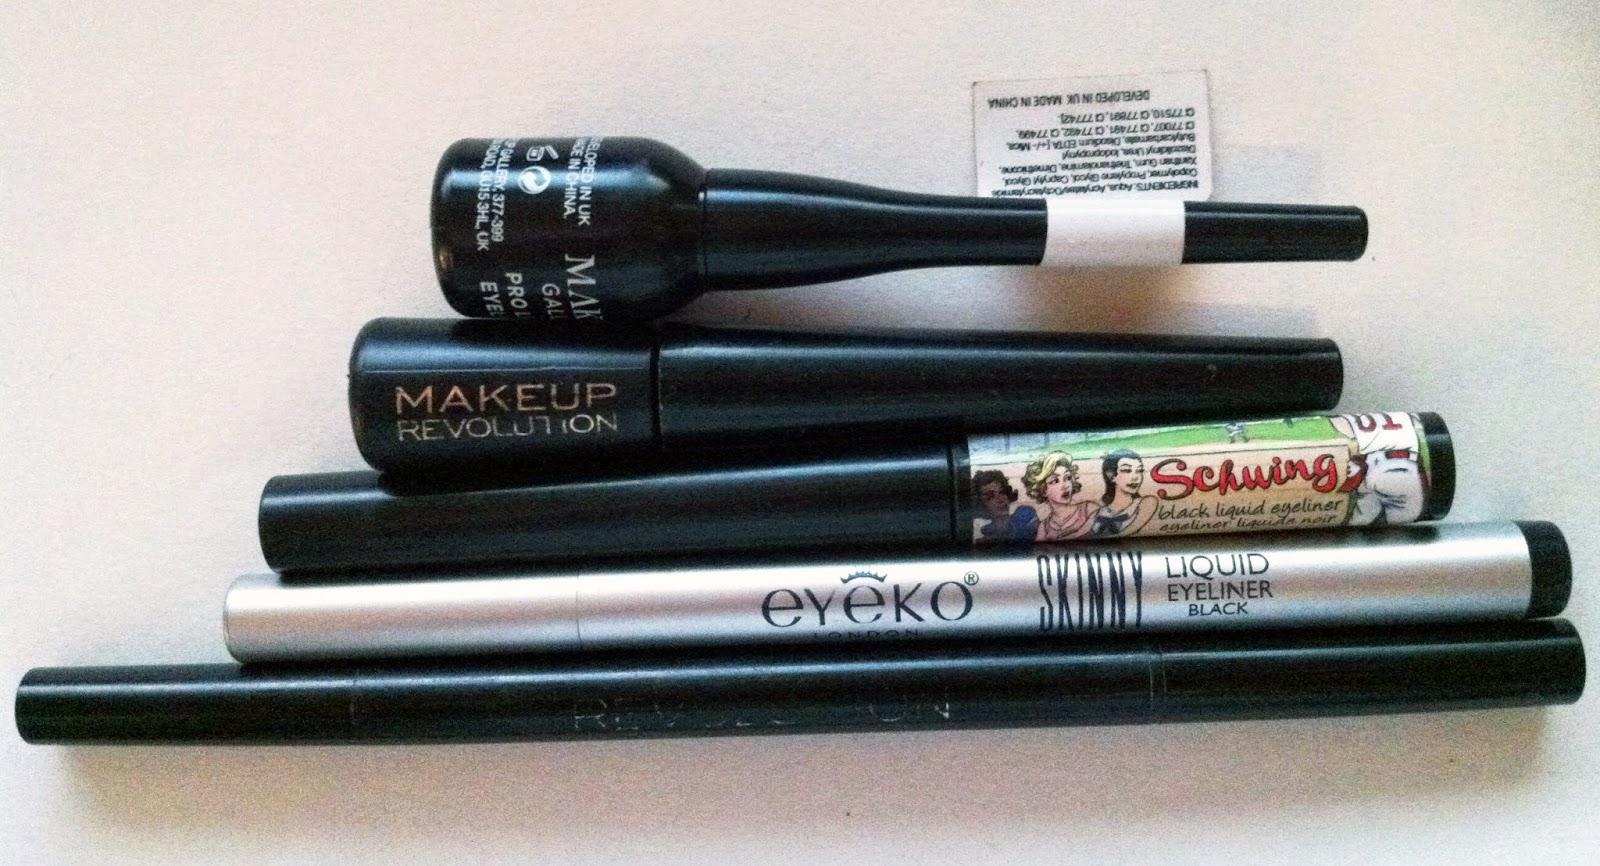 Makeup gallery pro liquid eyeliner